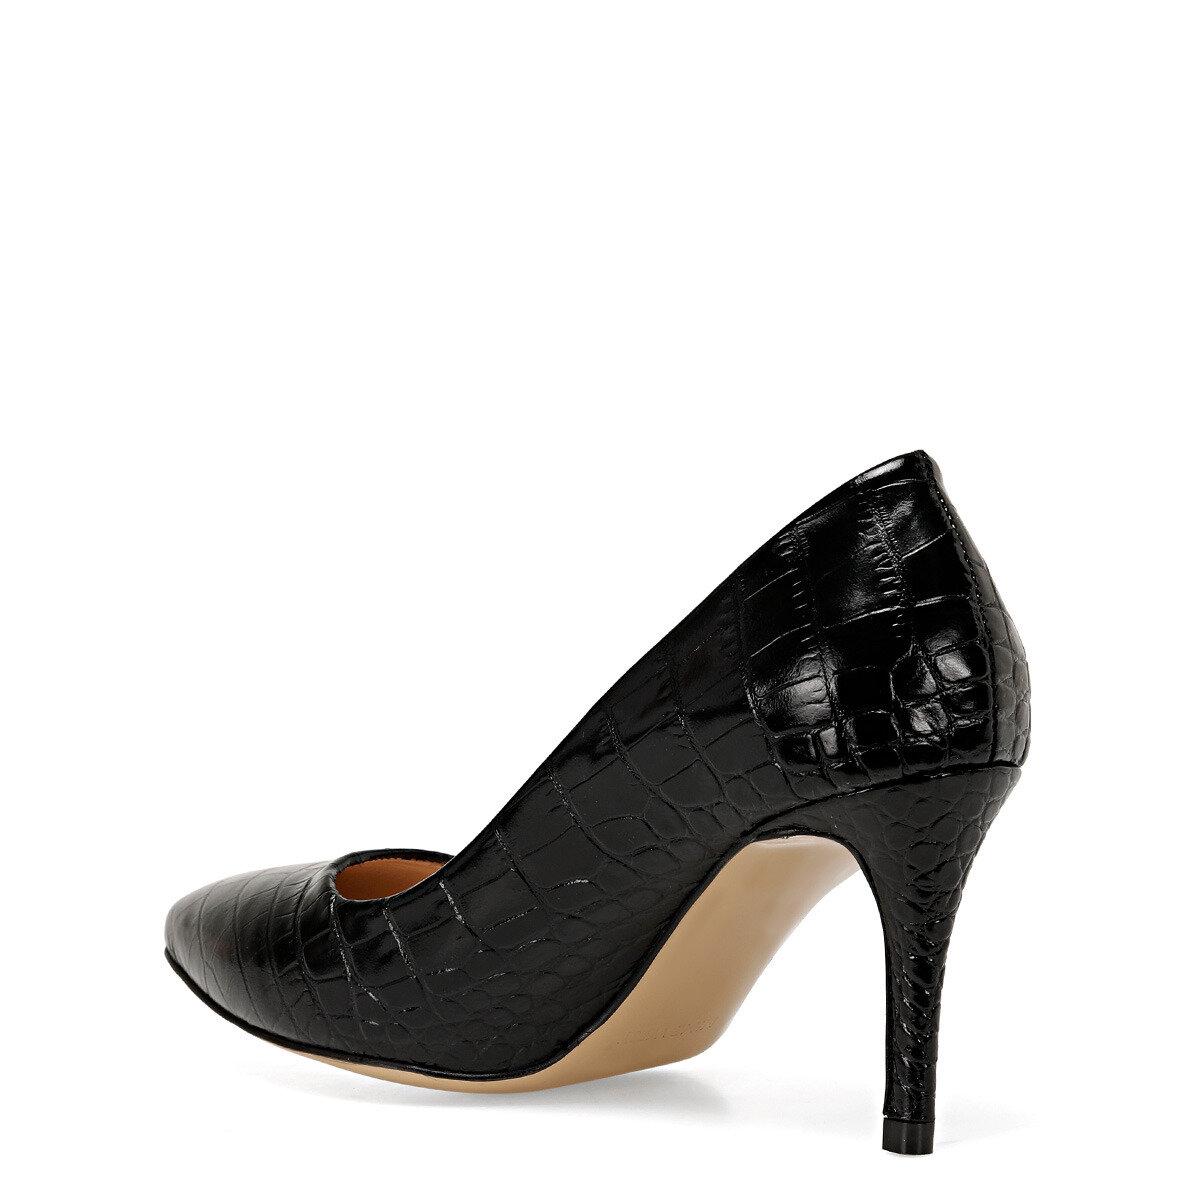 CHARLENE Siyah Kadın Topuklu Ayakkabı